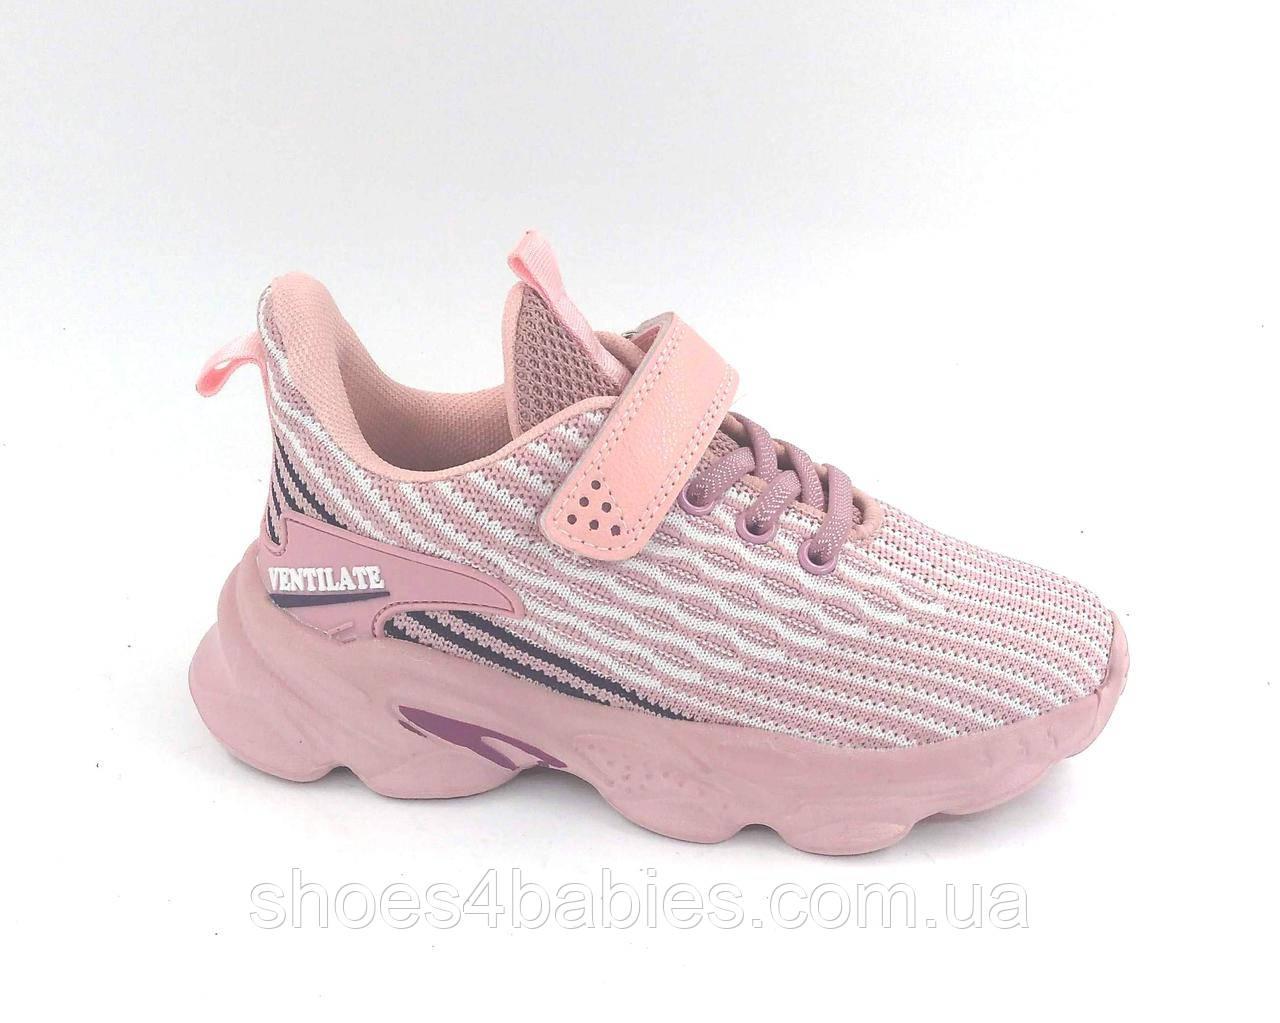 Детские кроссовки для девочек, дышашие, легкие р. 32 - 20,6см, модель 1914